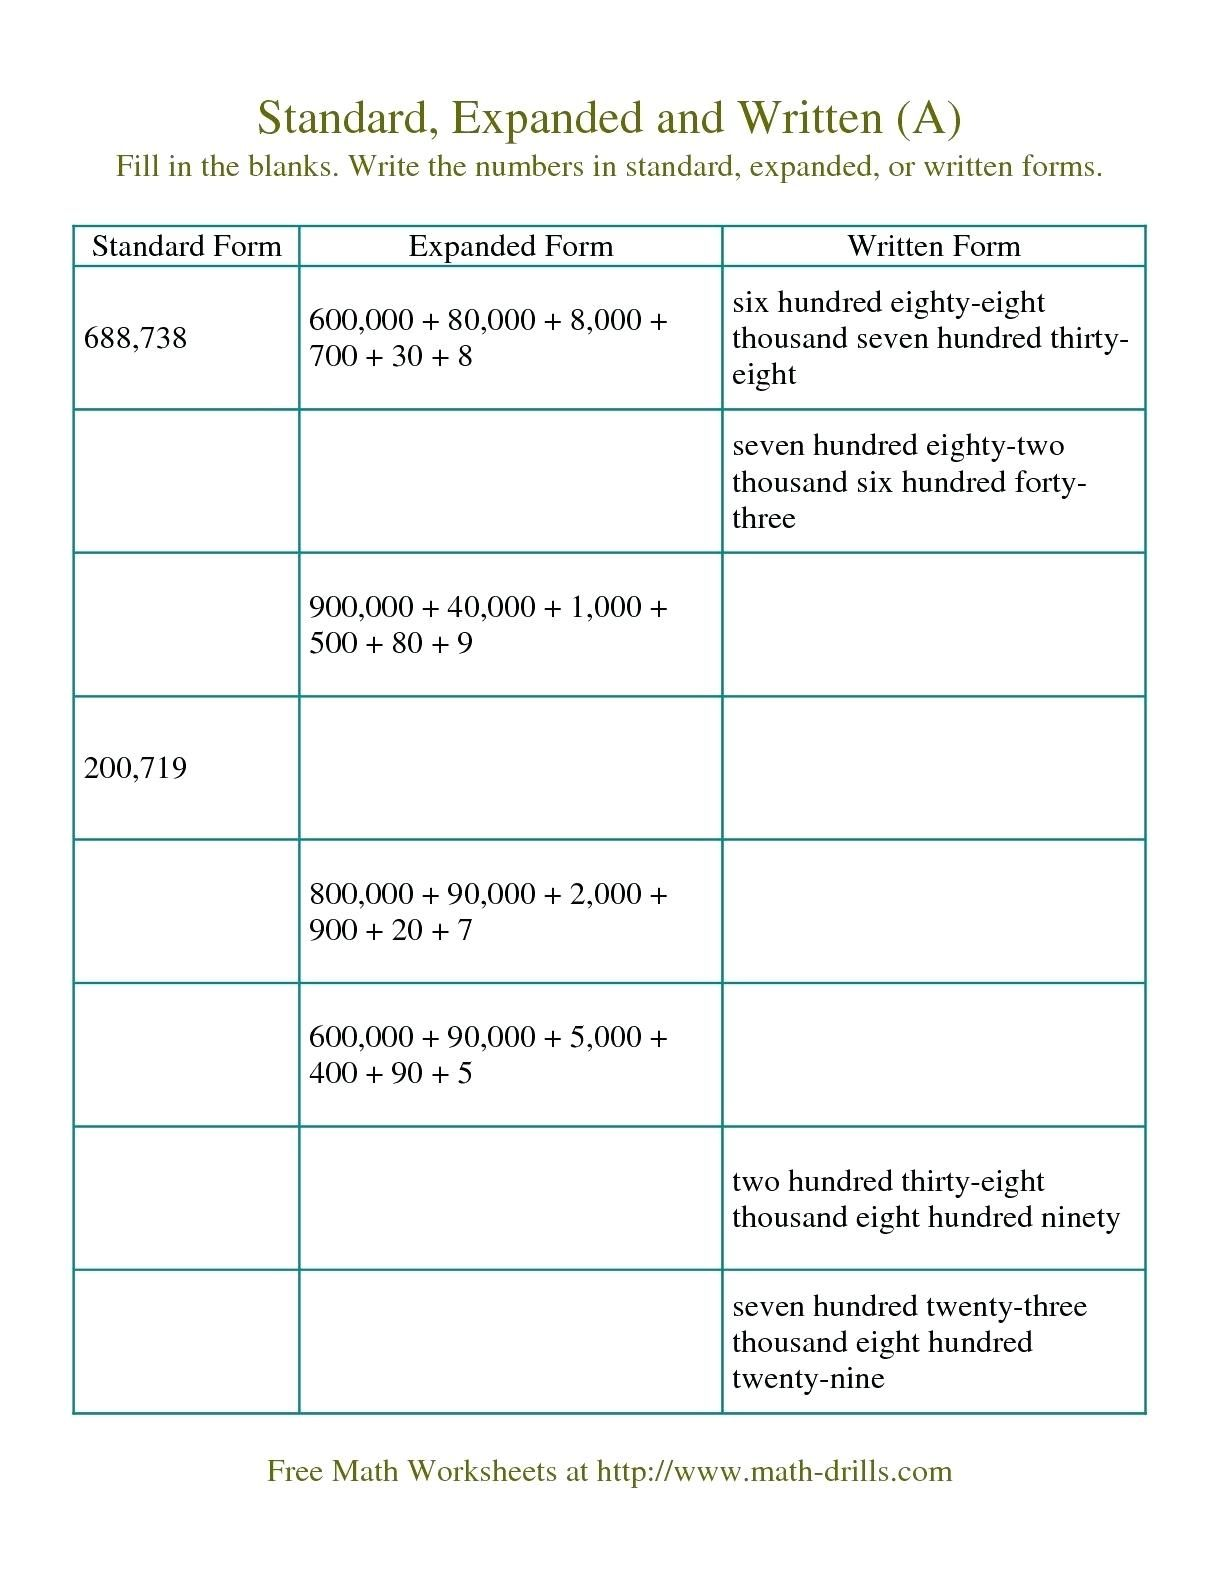 40 Clever 1st Grade Math Worksheets Design S